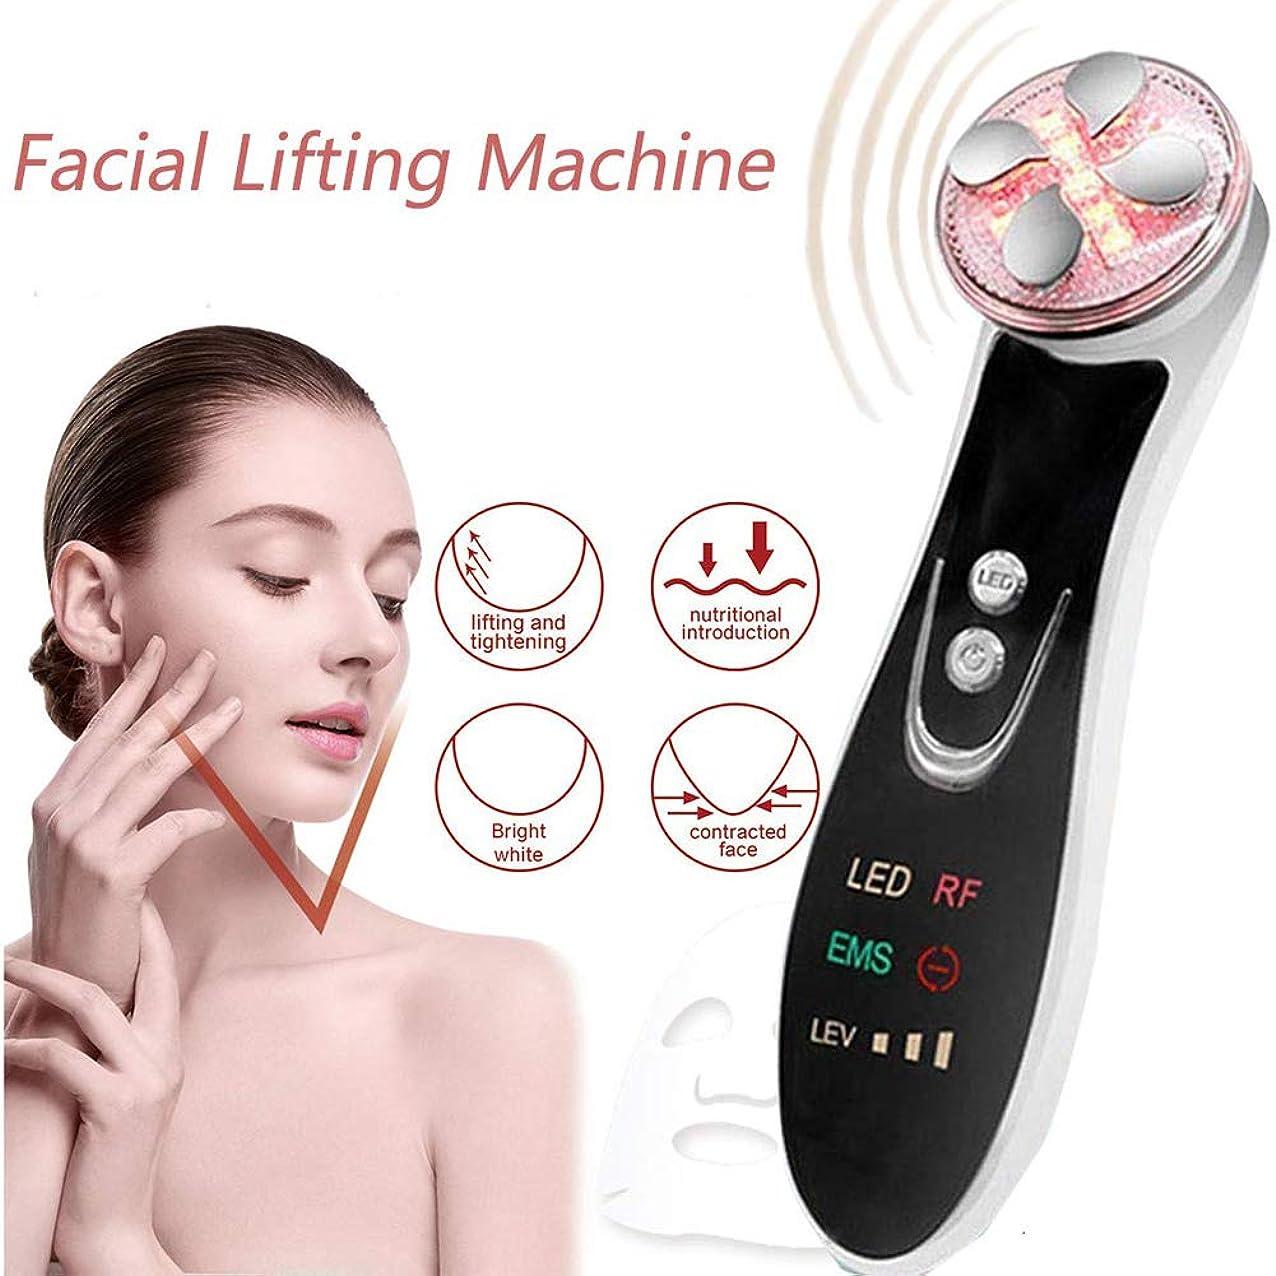 魅力会話深い機械をきつく締める皮、1つのRF EMS LEDライト療法のしわに付き顔の持ち上がるボディ形削り盤機械6つは反老化のアクネの美装置を取除きます